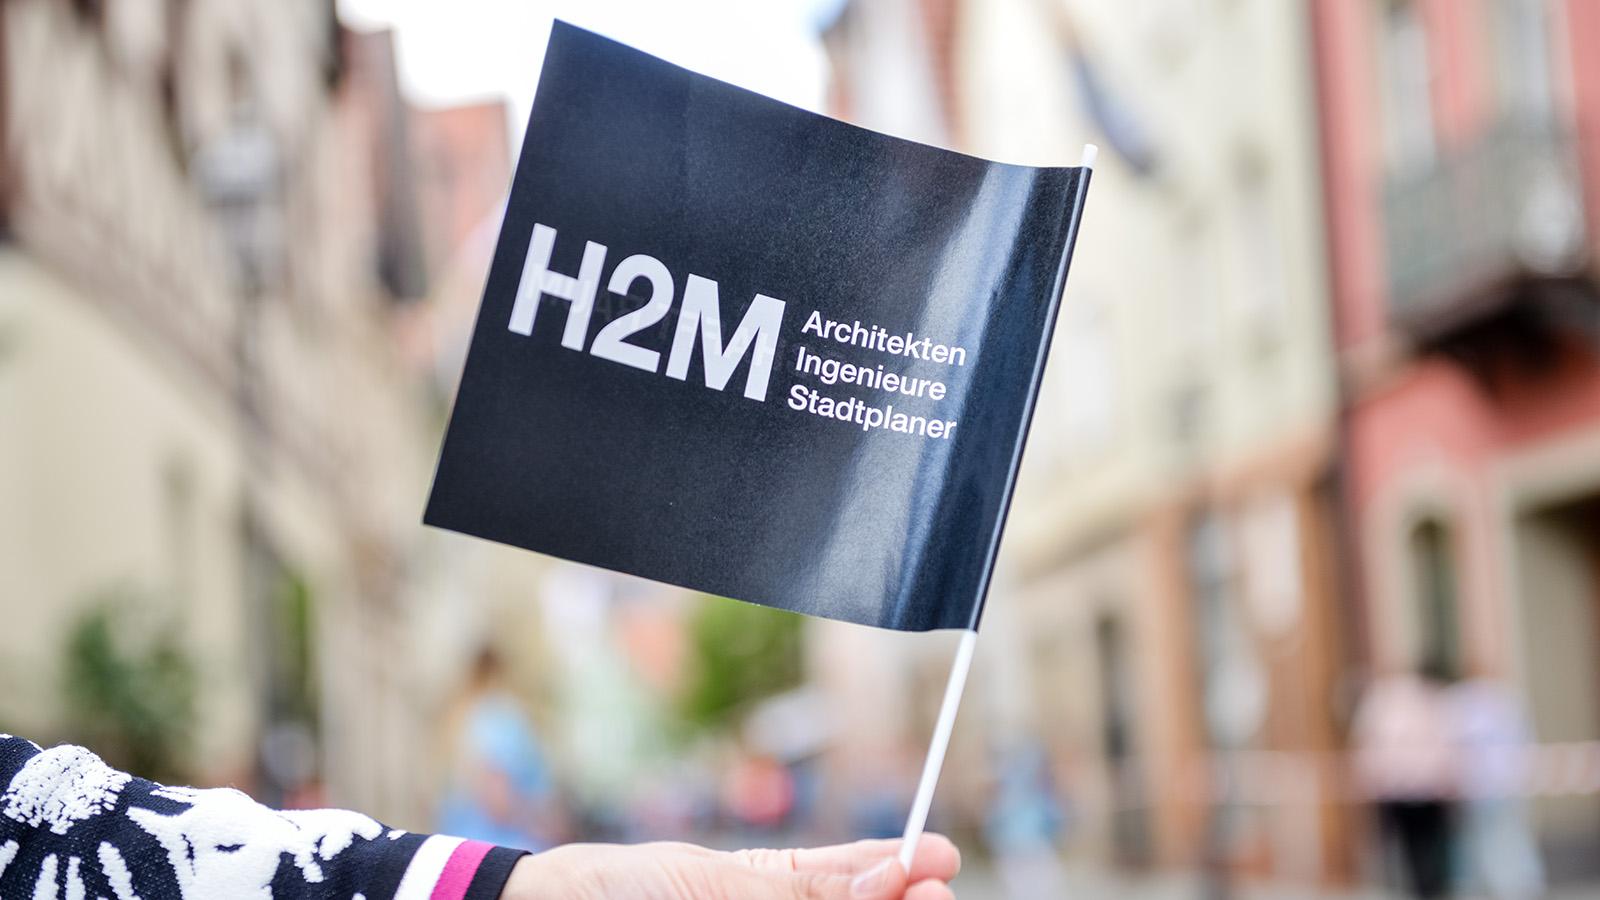 h2m-altstadtfirmenlauf-kulmbach-fan